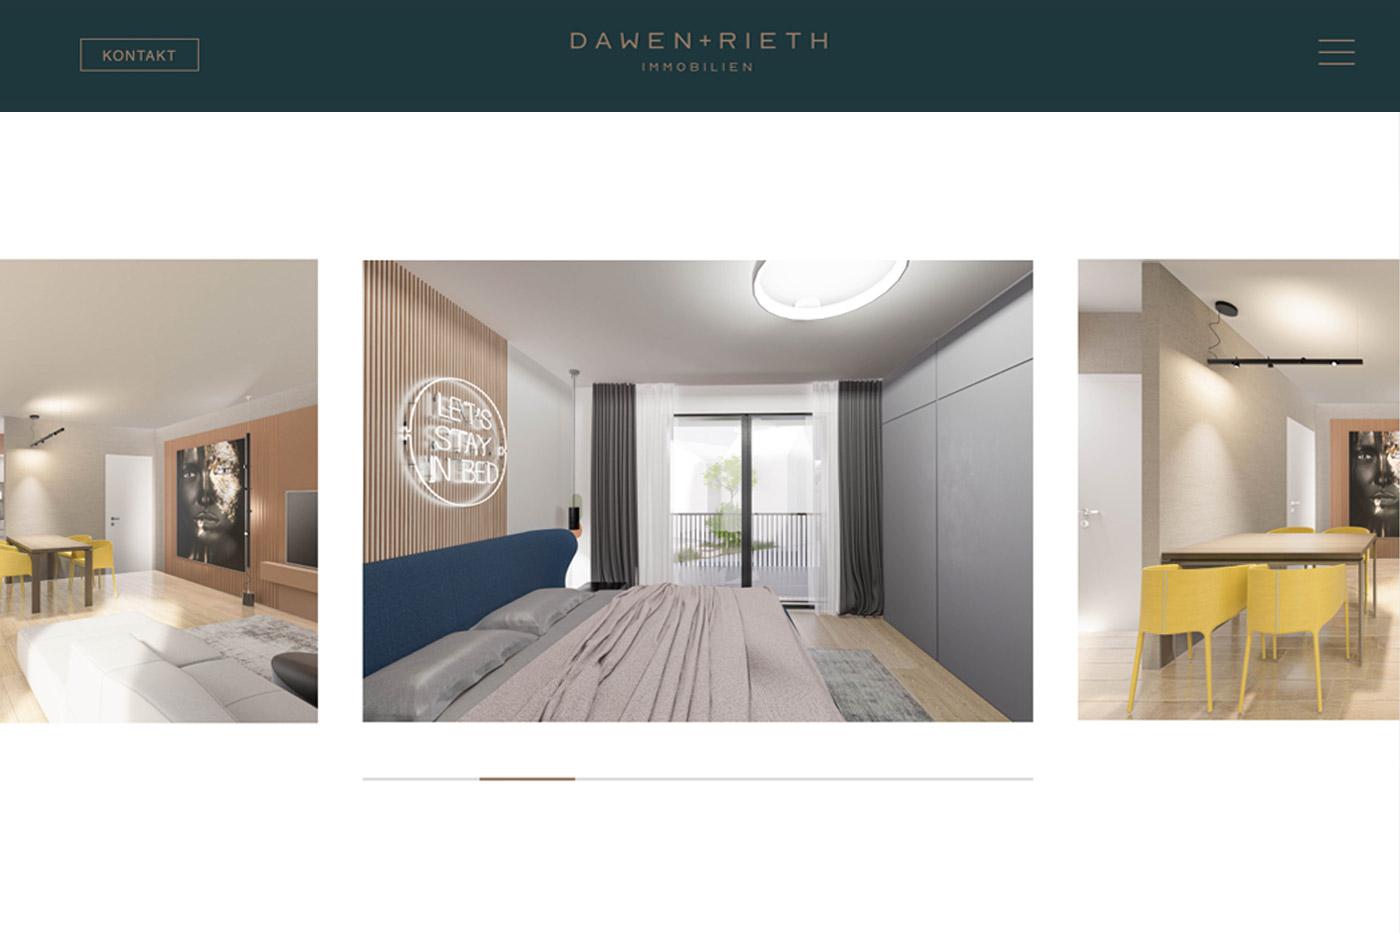 https://duktor.lu/wp-content/uploads/2021/05/duktor-projekt-dawen-rieth-corporate_design_29.jpg